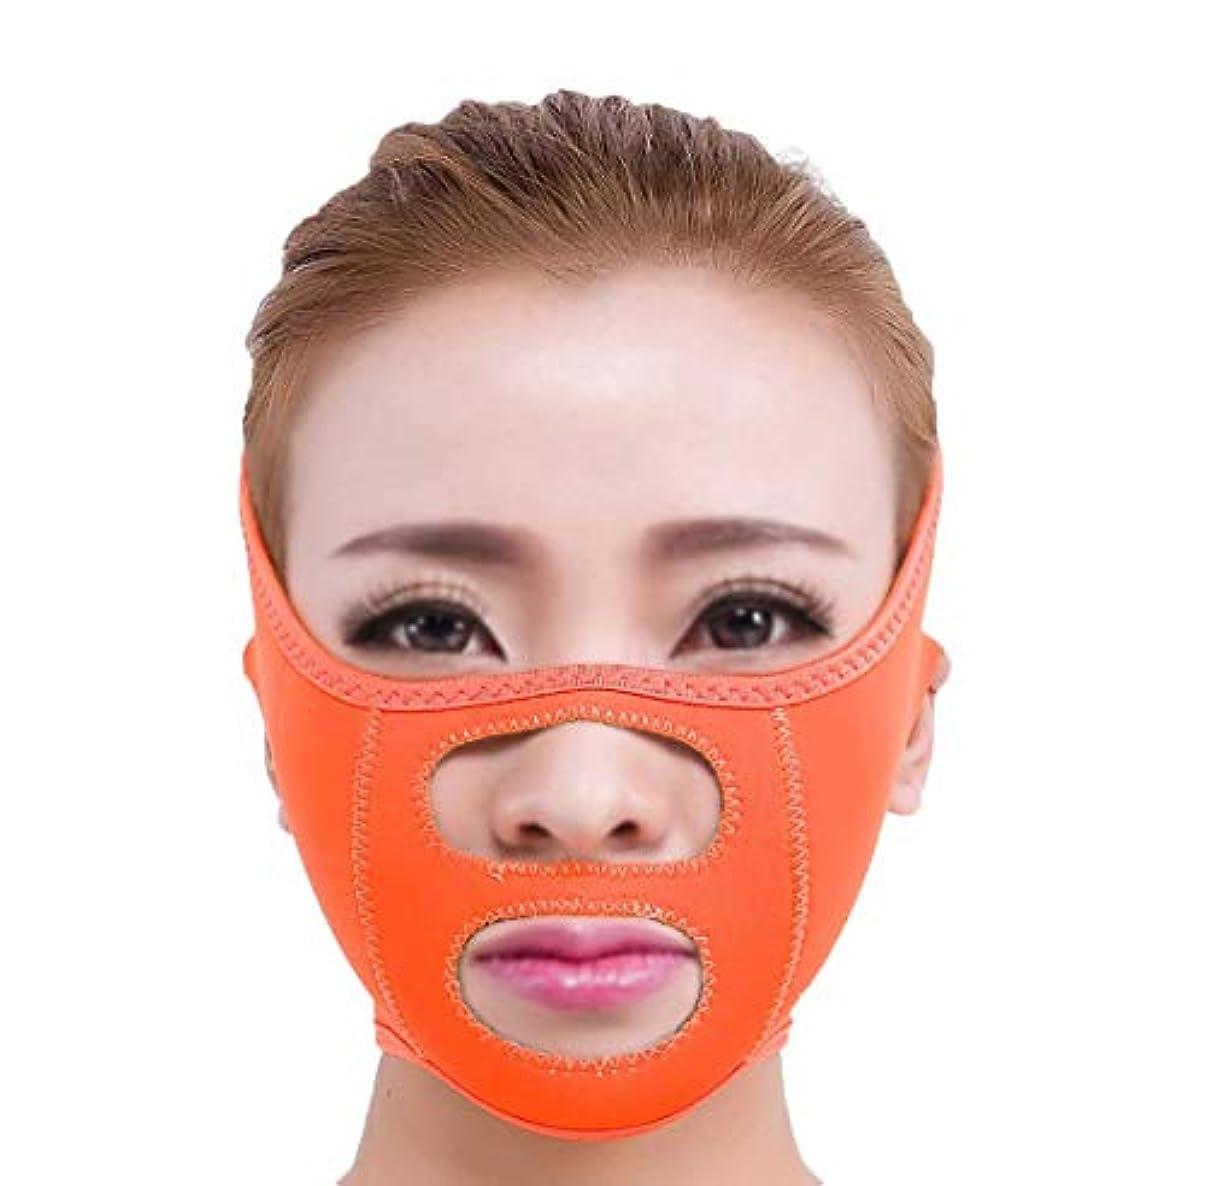 固有の不安スパークスモールフェイスツールVフェイス包帯フェイシャルリフティングフェイシャルマッサージャー美容通気性マスクVフェイスマスク睡眠薄い顔でオレンジ